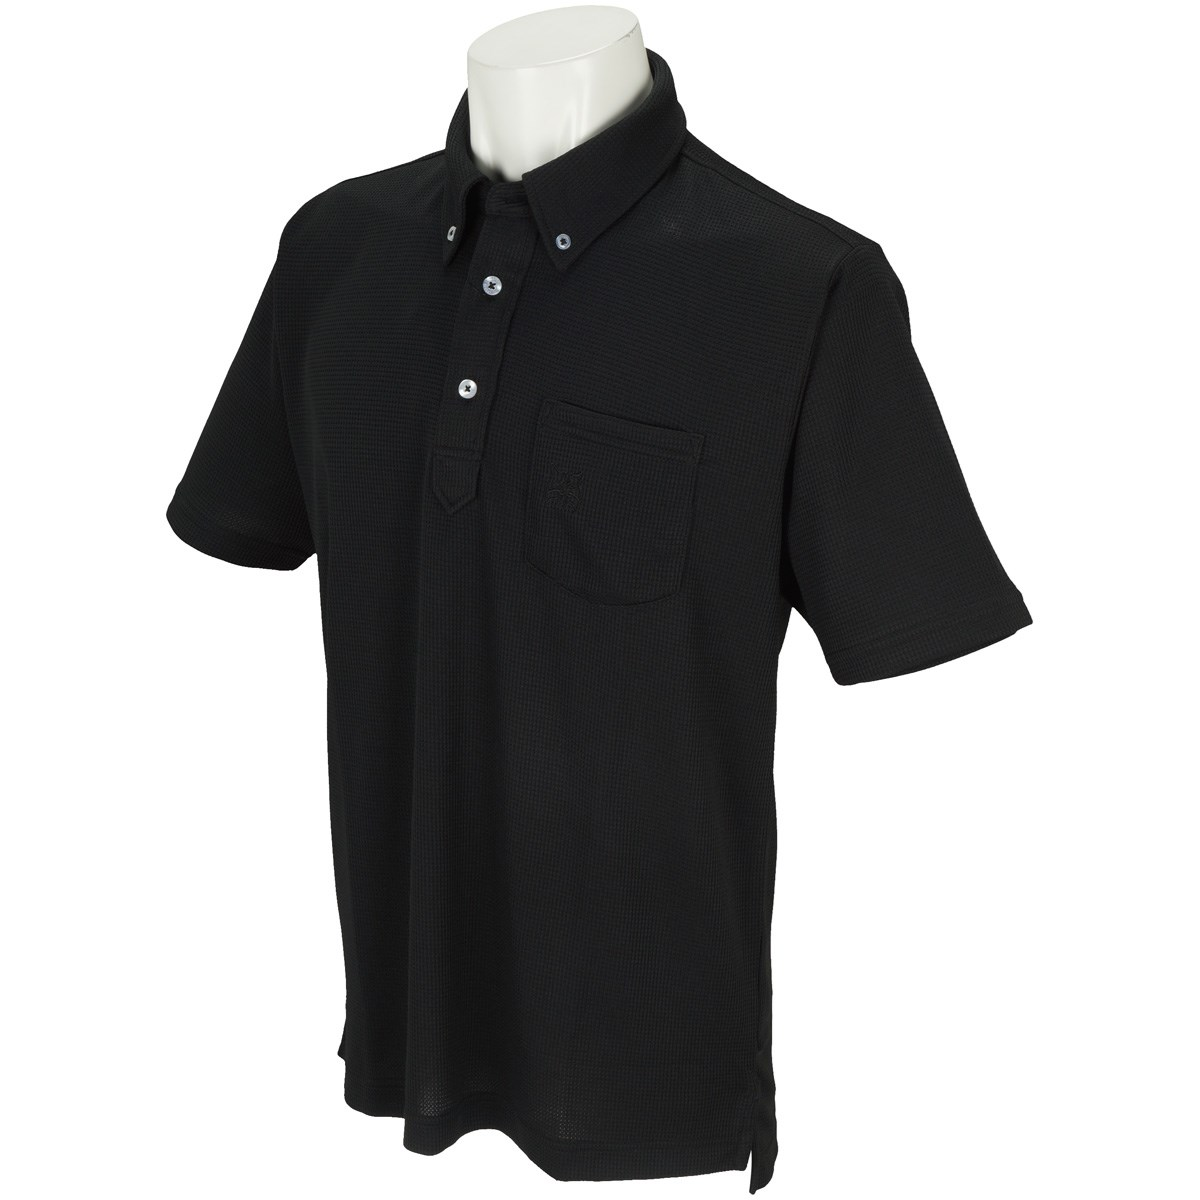 リンクス(Lynx) GDO限定 ボタンダウン半袖ポロシャツ